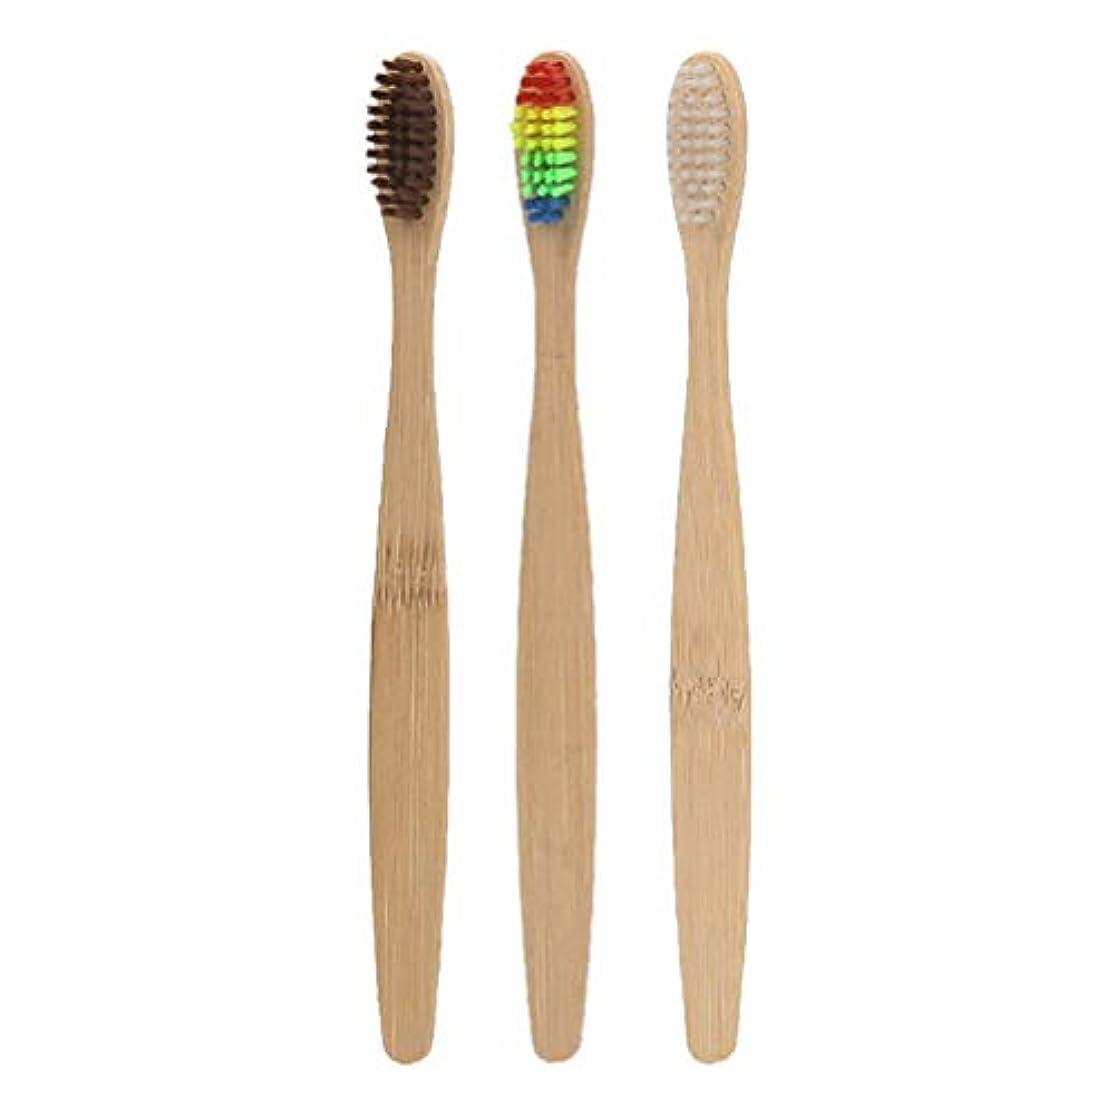 典型的な遅い嫌悪SUPVOX 男性の女性のための3本の天然竹歯ブラシ生分解性歯ブラシ